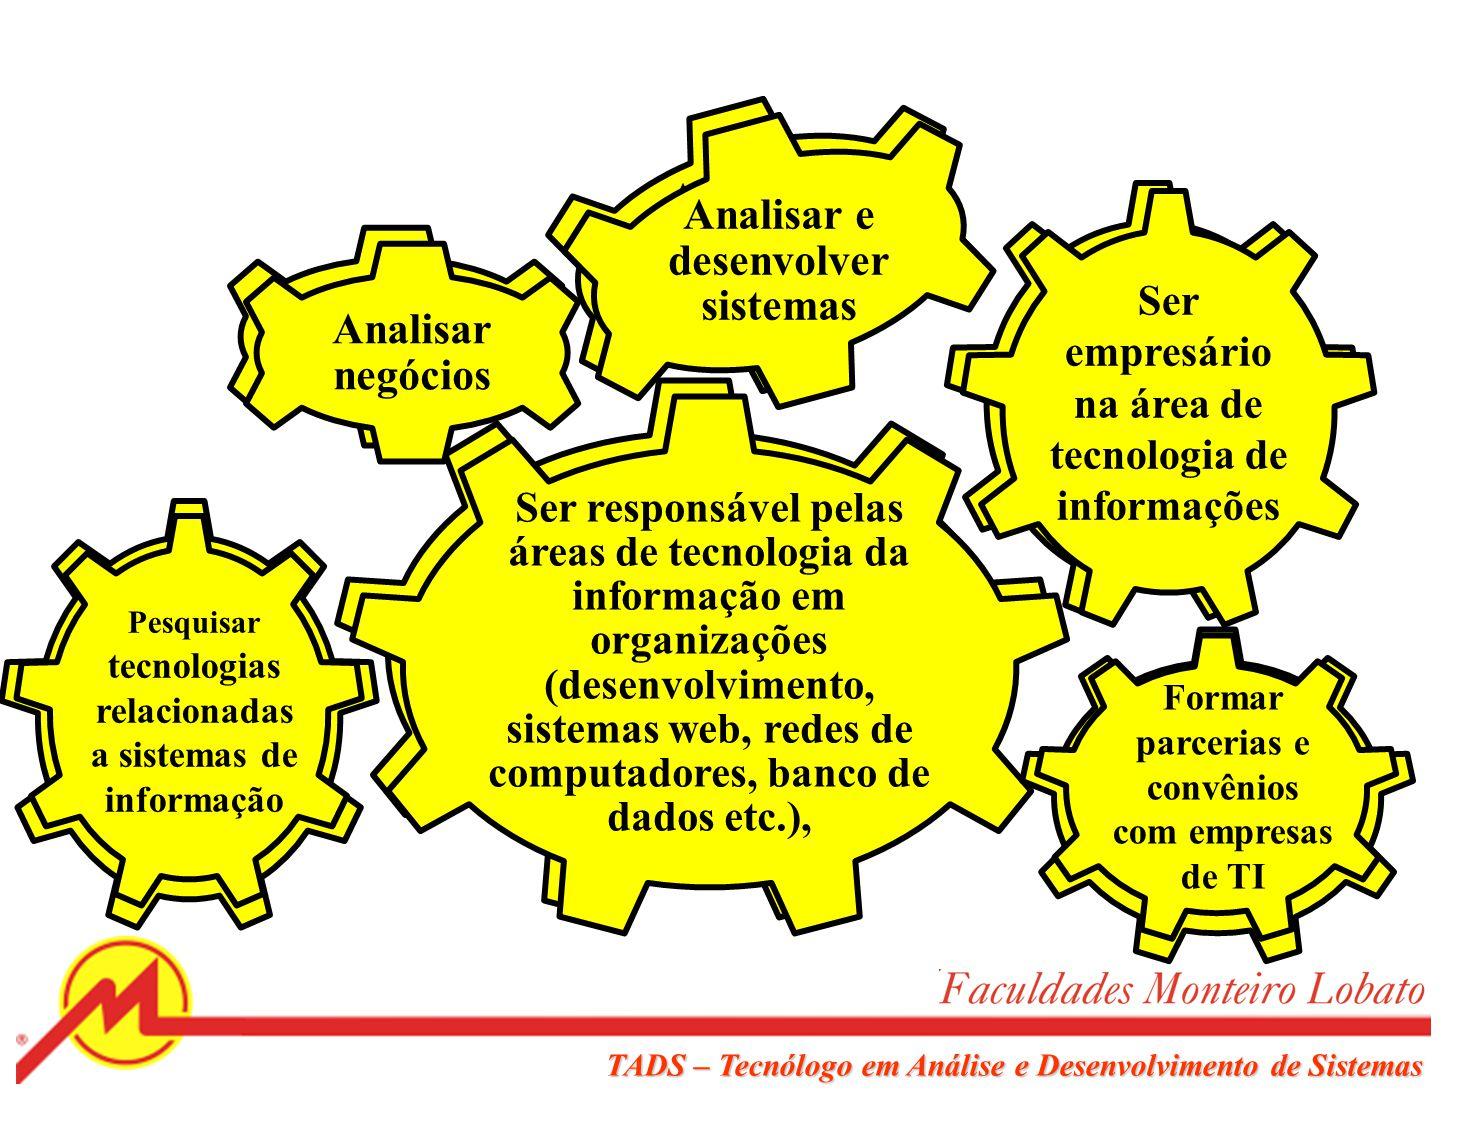 Analisar e desenvolver sistemas Analisar e desenvolver sistemas